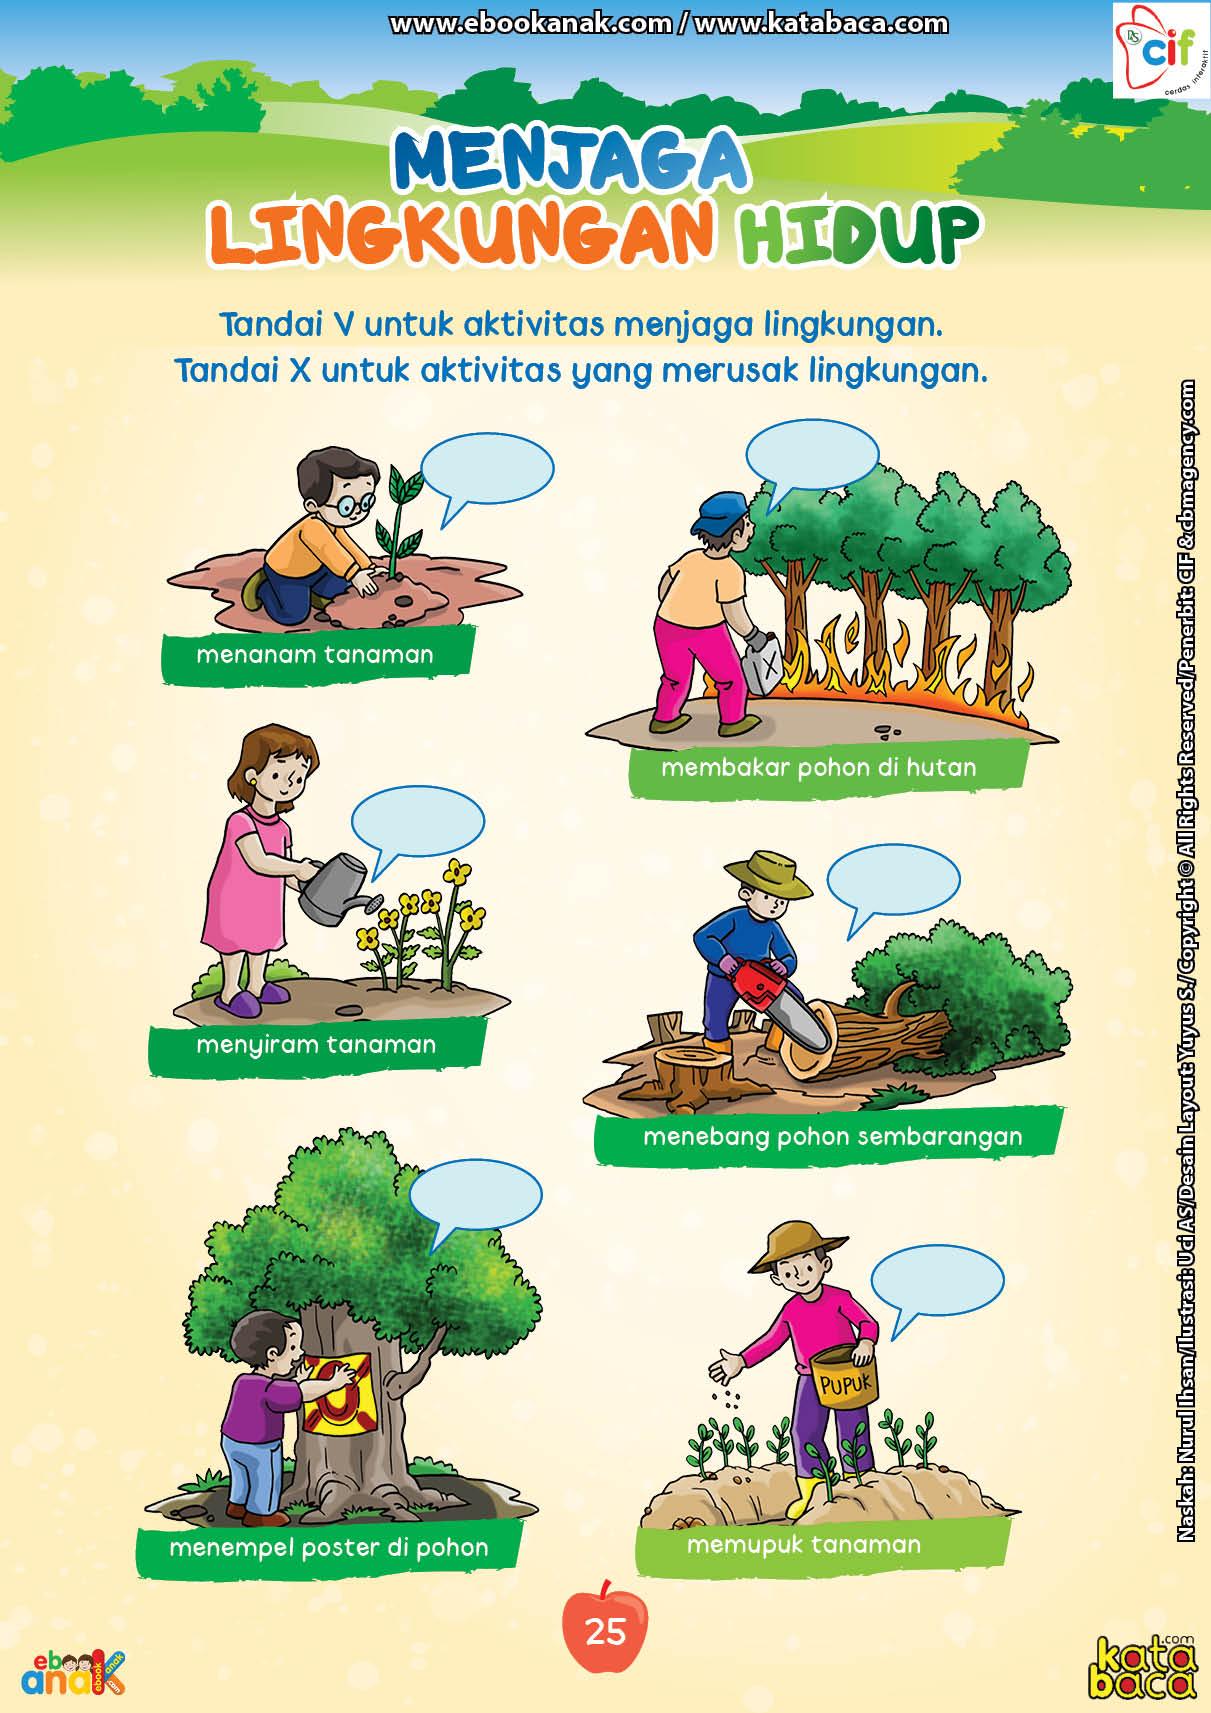 baca buku online brain games fun sains33 Contoh Aktivitas yang Menjaga dan Merusak Kelestarian Lingkungan